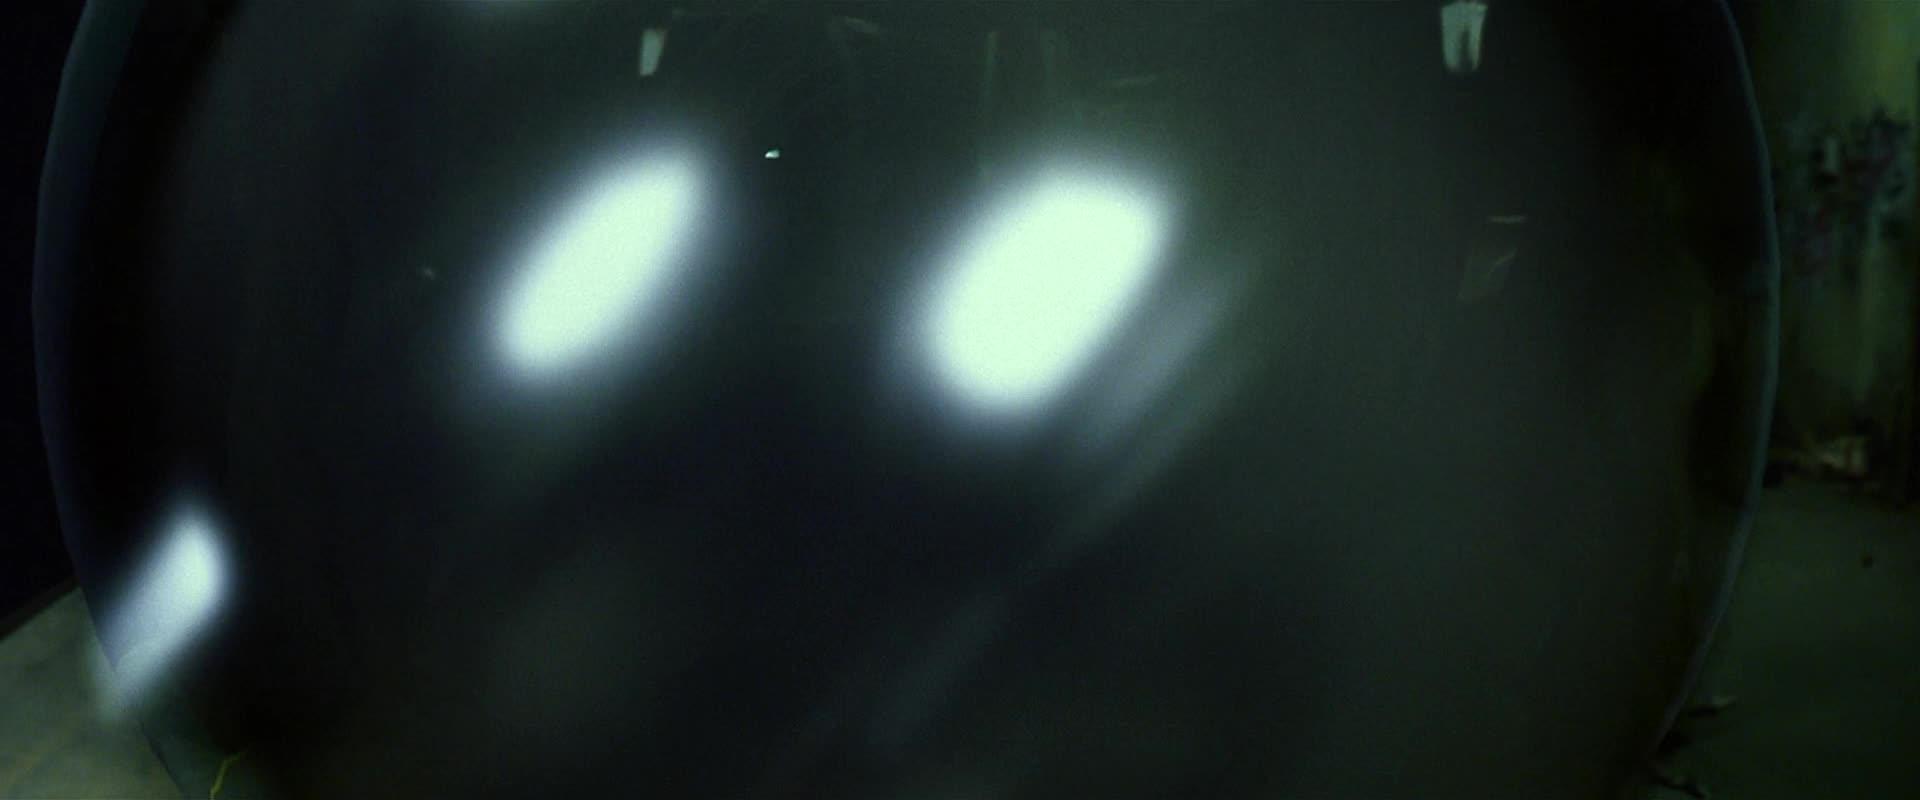 MWM116 - 分116 Rest Bullettime und Handgemenge mit Sonnenbrillenverlust